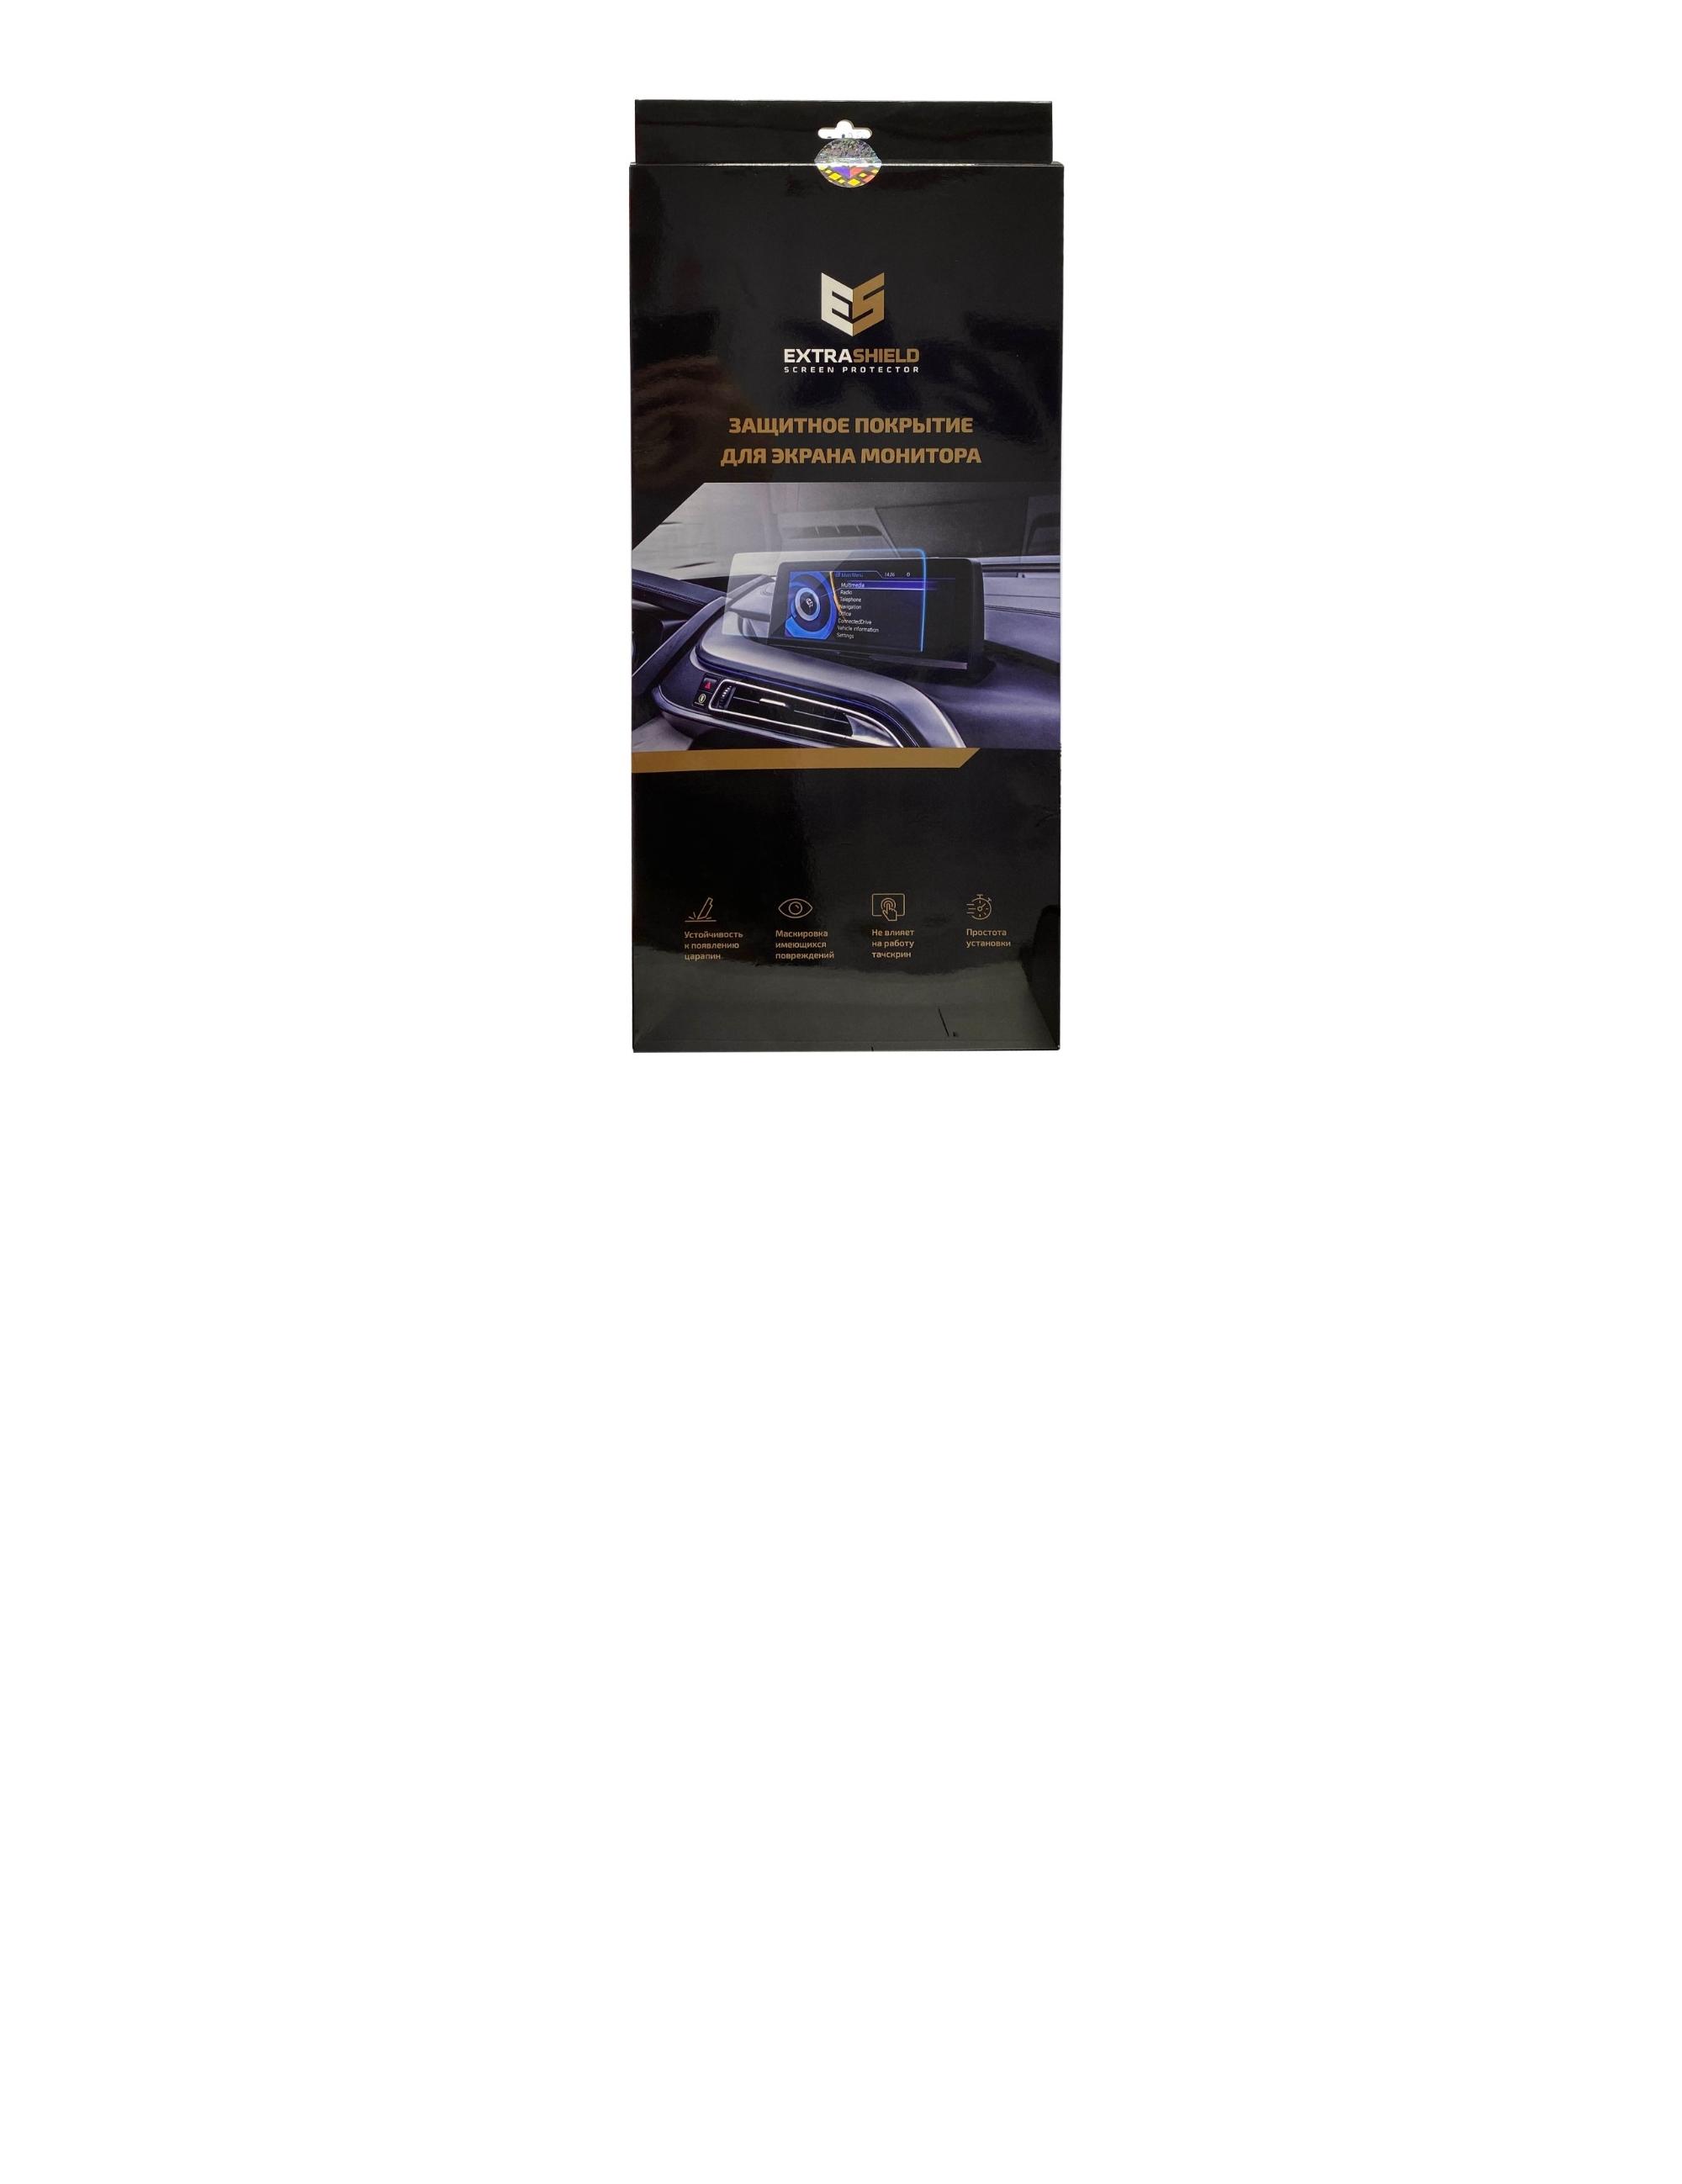 Audi A6 (С7) 2014 - 2018 мультимедиа MMI 8 Защитное стекло Матовая